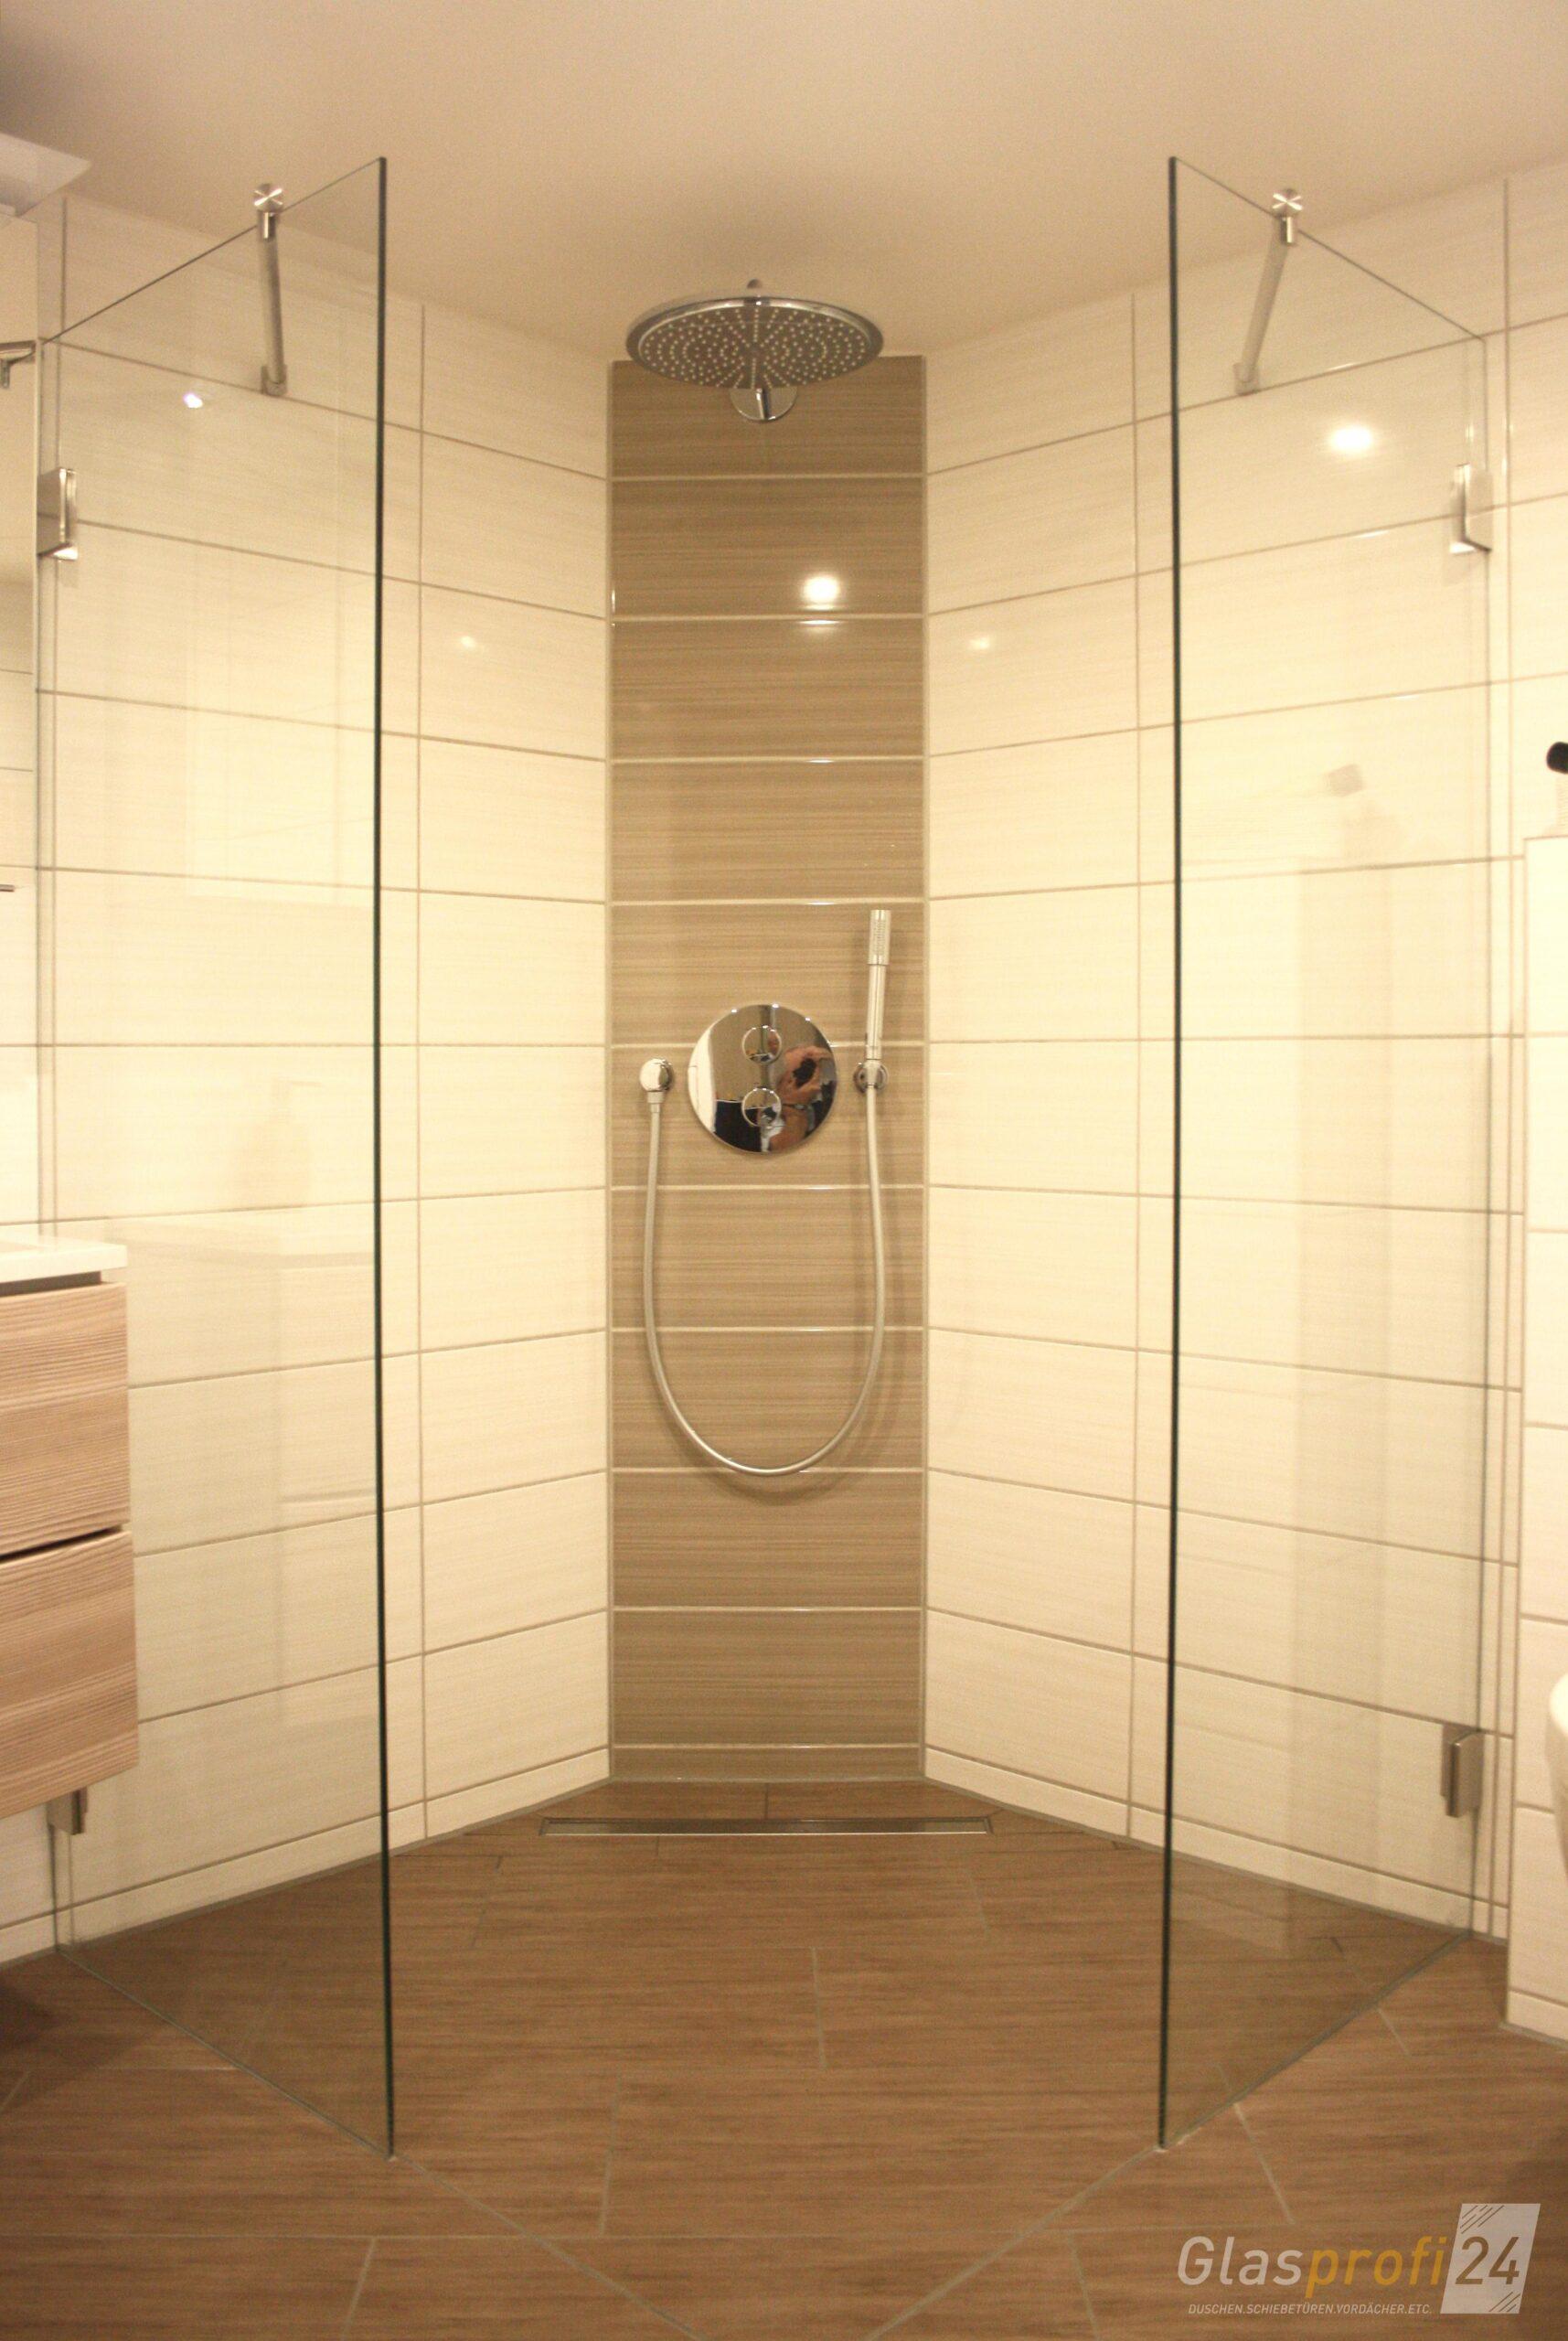 Full Size of Walk In Dusche Duschwand Glasprofi24 Begehbare Duschen Sprinz Hsk Fliesen Hüppe Kaufen Schulte Breuer Werksverkauf Moderne Bodengleiche Ohne Tür Dusche Begehbare Duschen